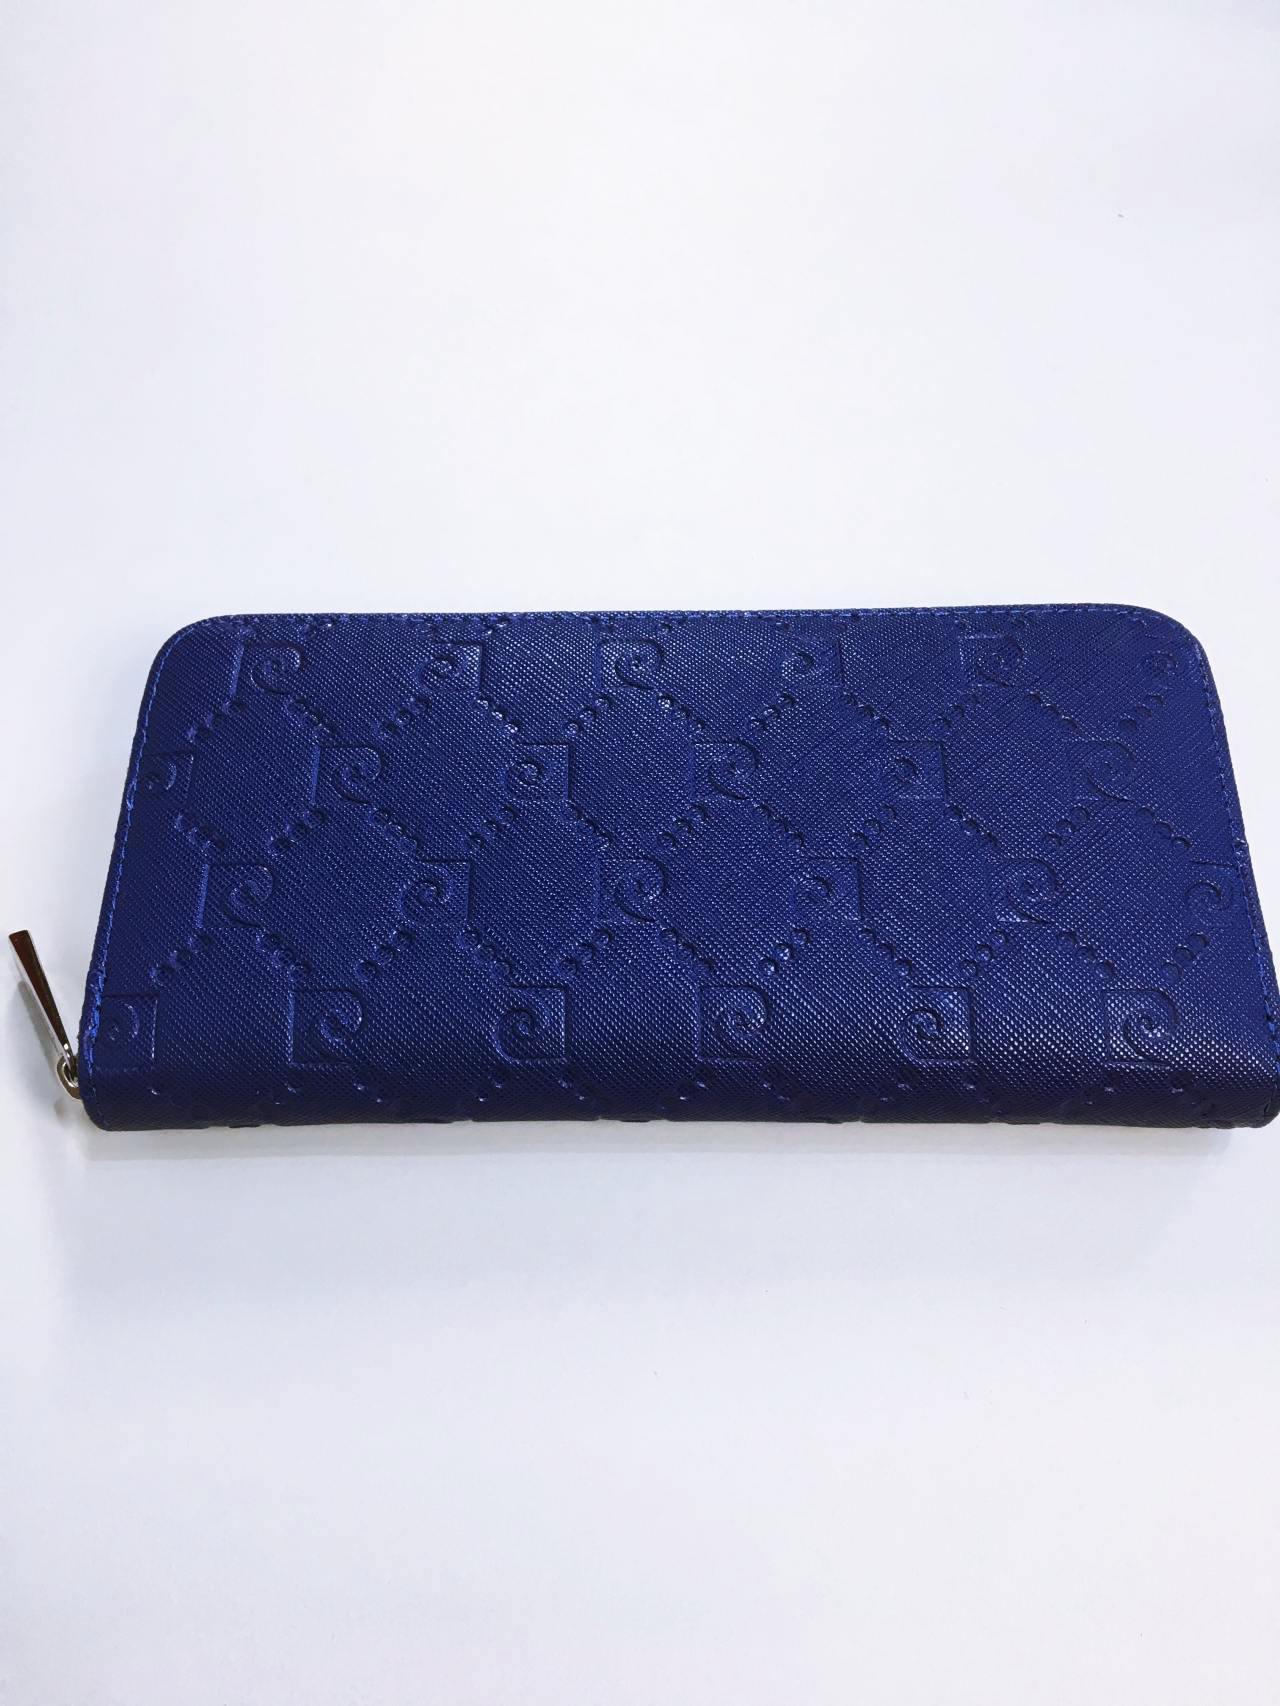 Kožená peněženka Pierre Cardin tmavě modrá 01